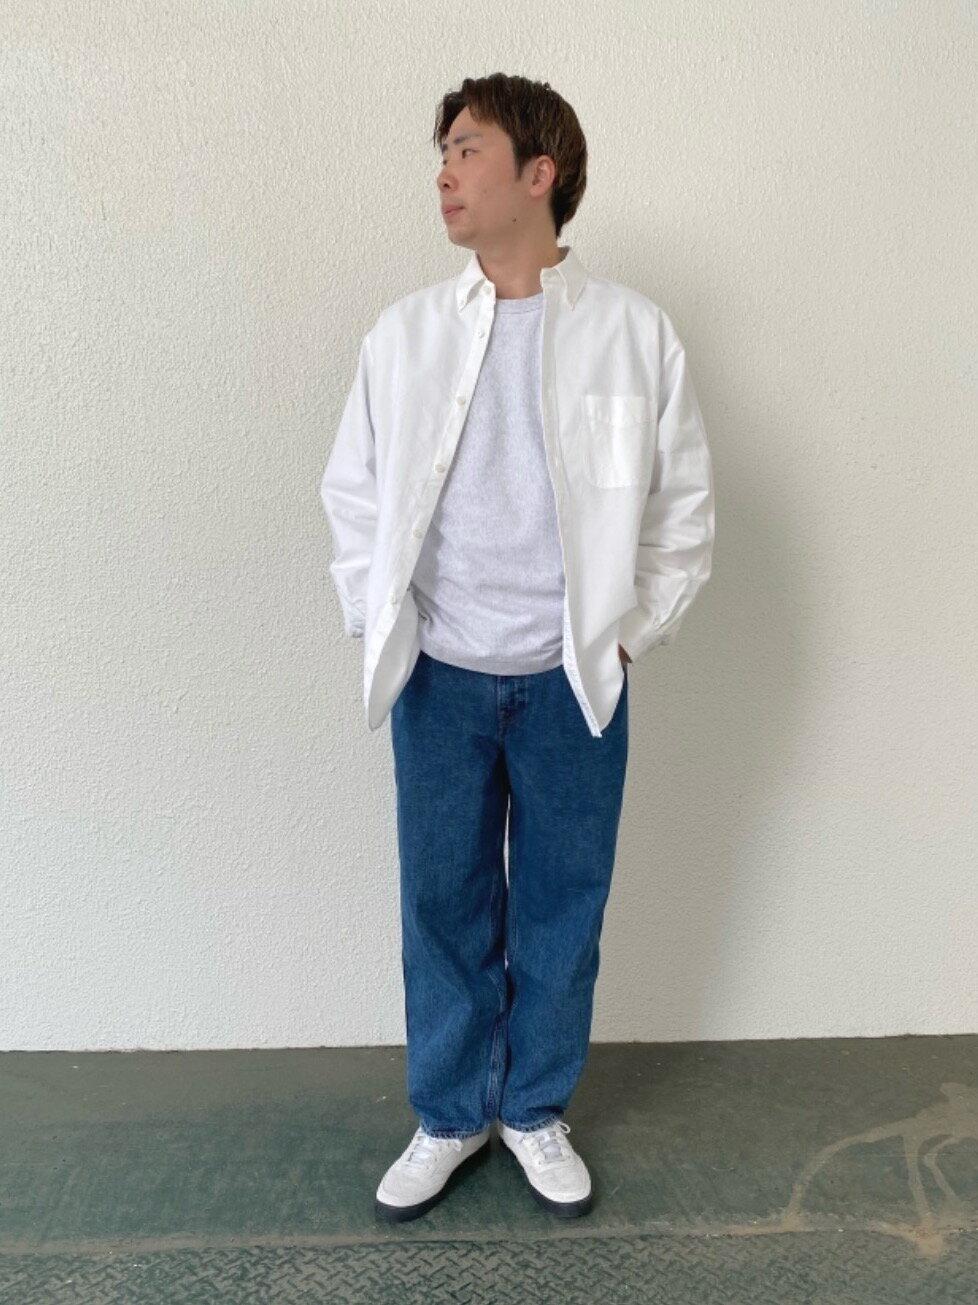 BEAUTY & YOUTH UNITED ARROWSのBY バルーンシルエット 5P スラブデニムパンツを使ったコーディネートを紹介します。|Rakuten Fashion(楽天ファッション/旧楽天ブランドアベニュー)1103339